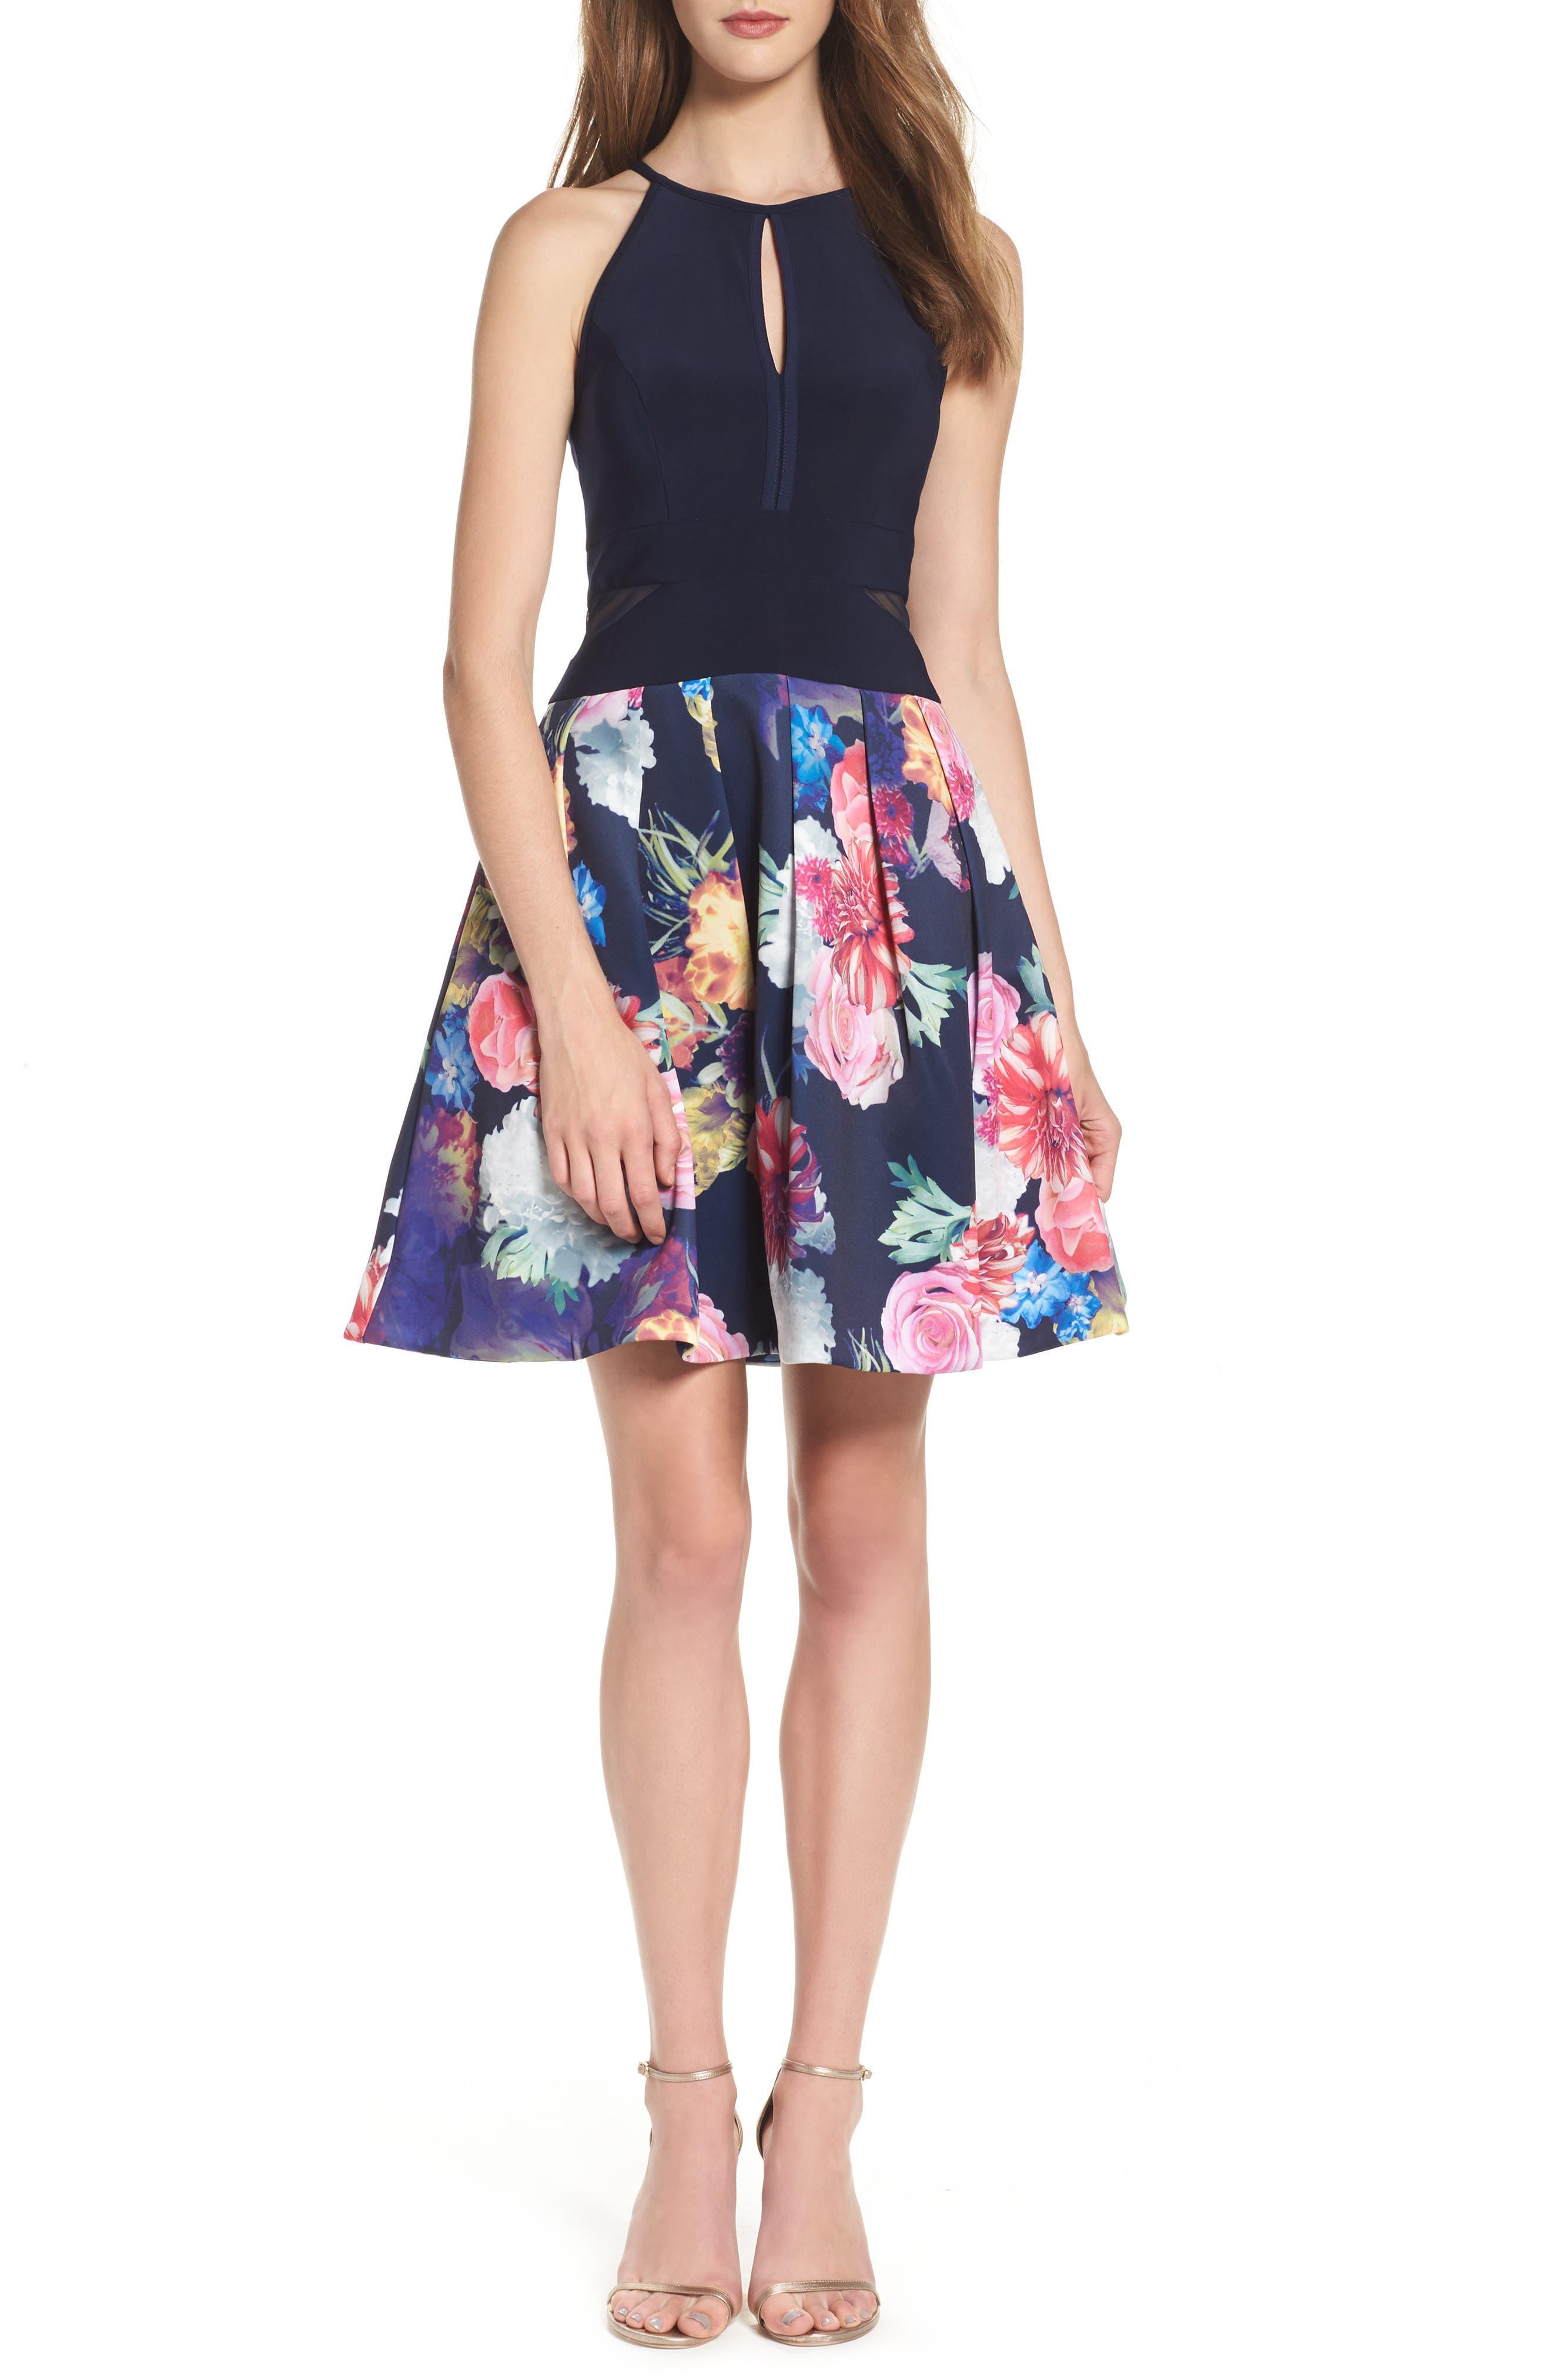 Main Image - Xscape Keyhole Mixed Media Party Dress